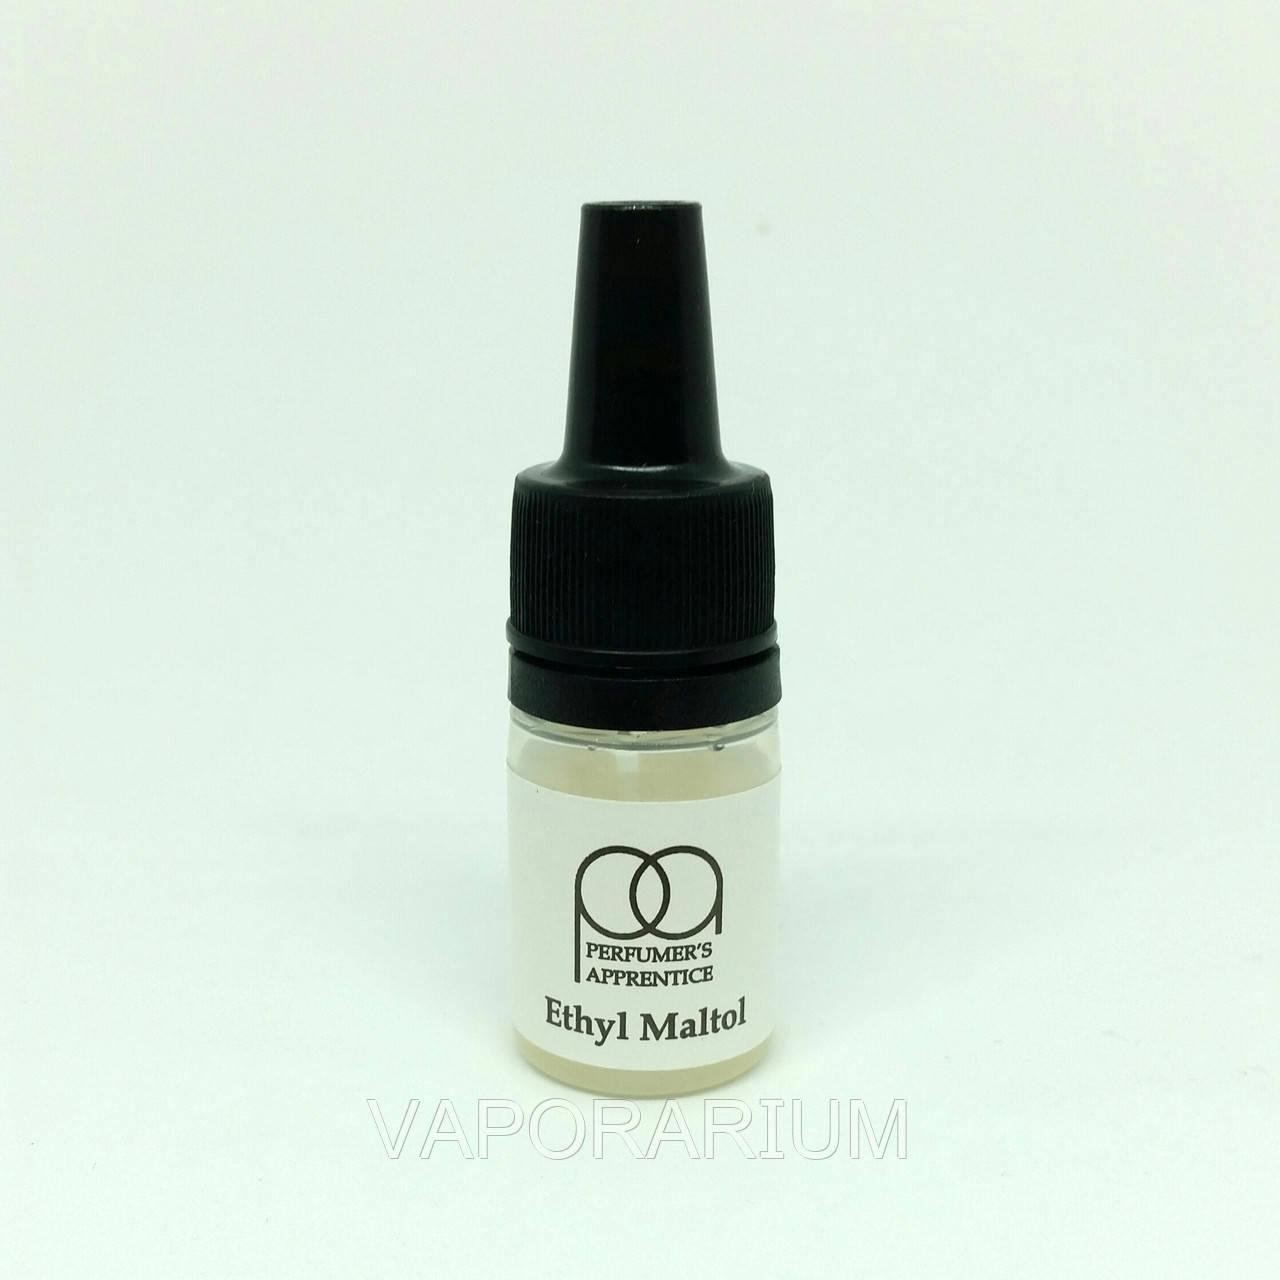 Ароматизатор TPA Ethyl Maltol (Усилитель вкуса - Этил Мальтол) 10 мл (0020)